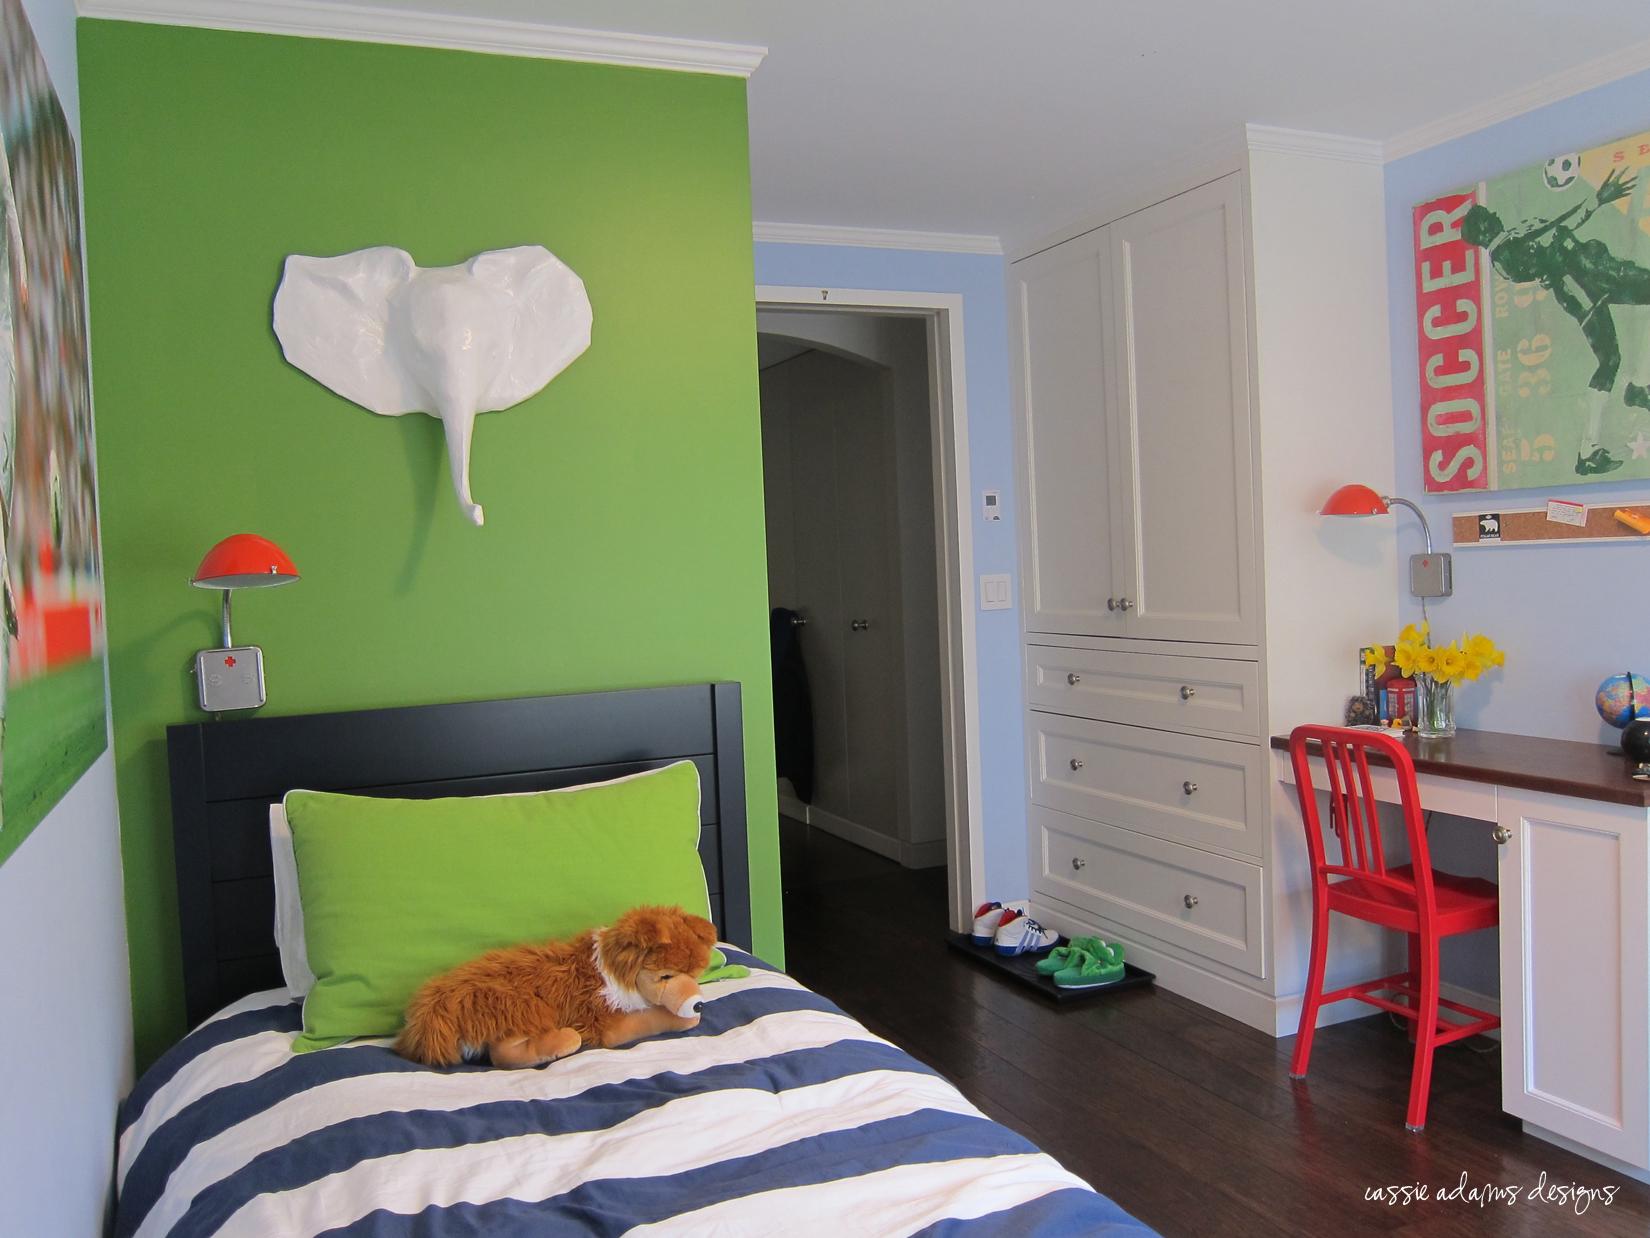 manhattan boy's room